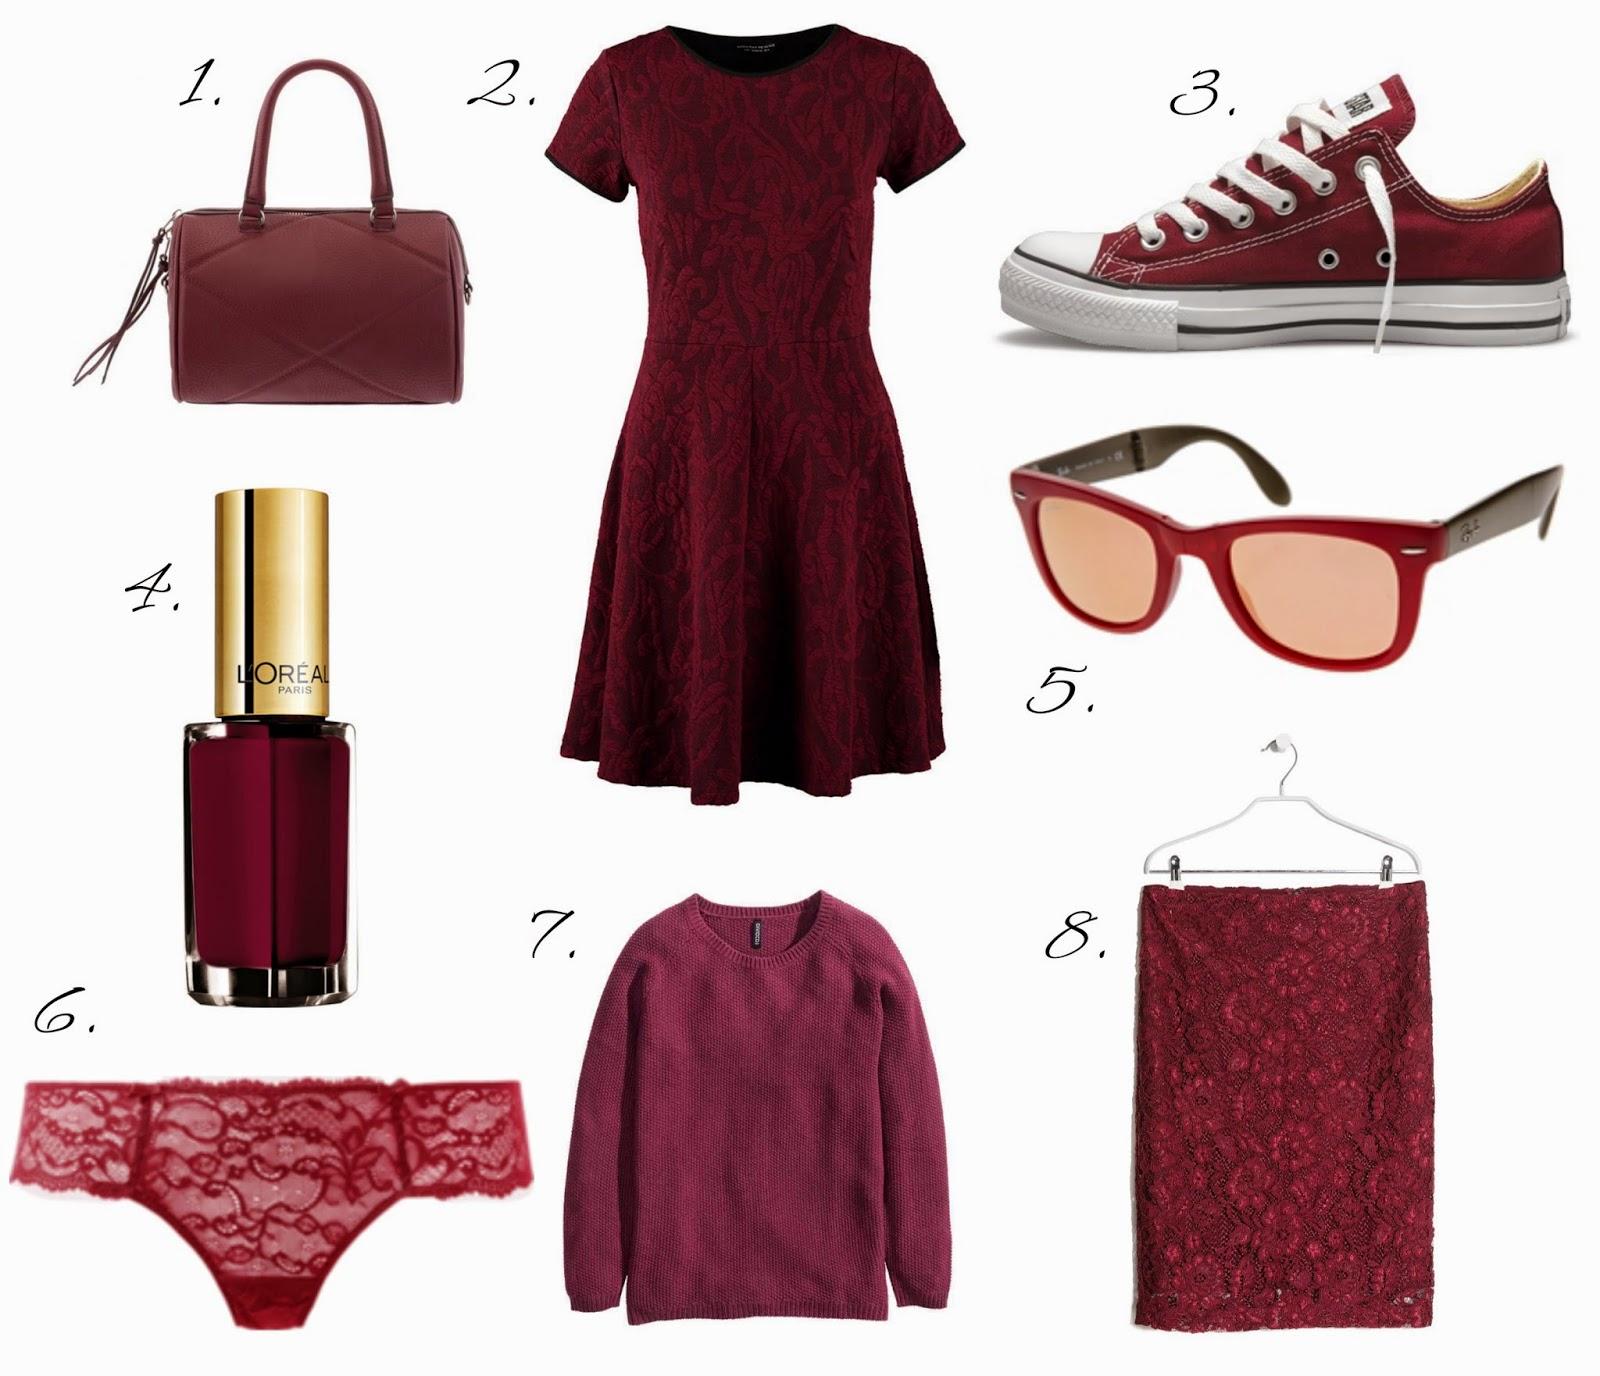 pantone color marsala 2015 productos complementos trendy tendencia moda